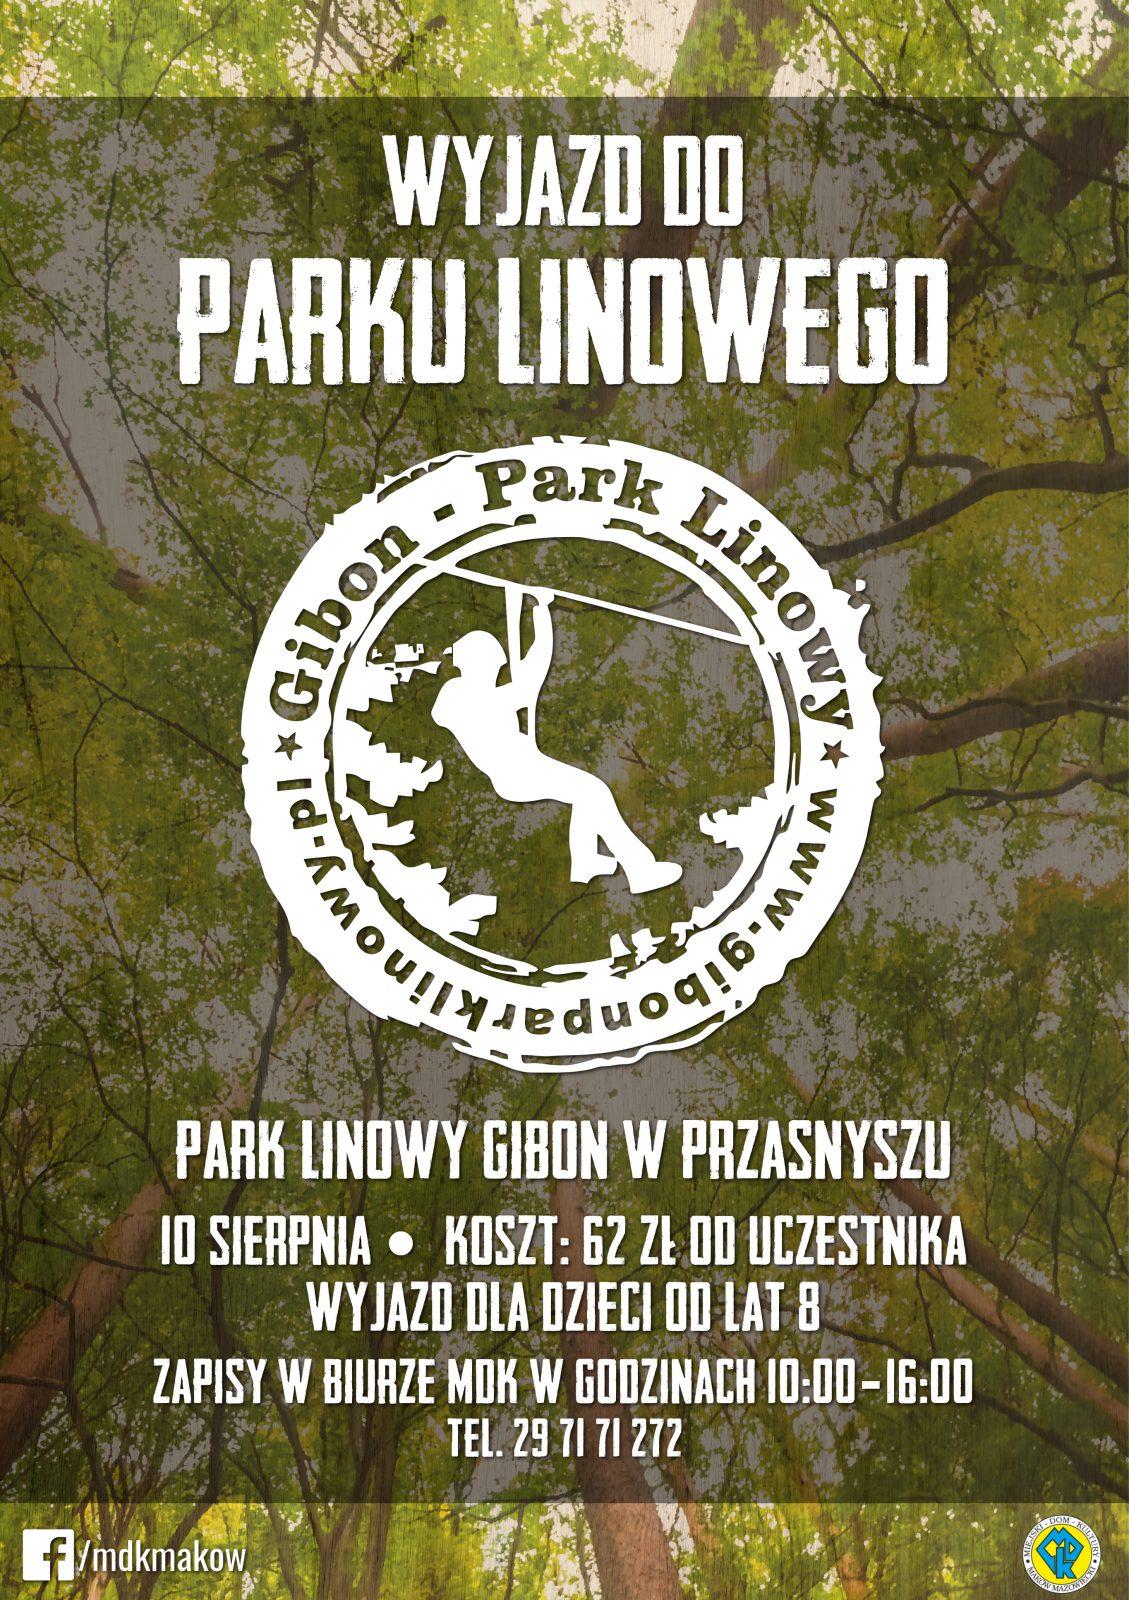 Plakat. Wyjazd do parku linowego Gibon. 10 sierpnia 2021 cena wycieczki 62 zł